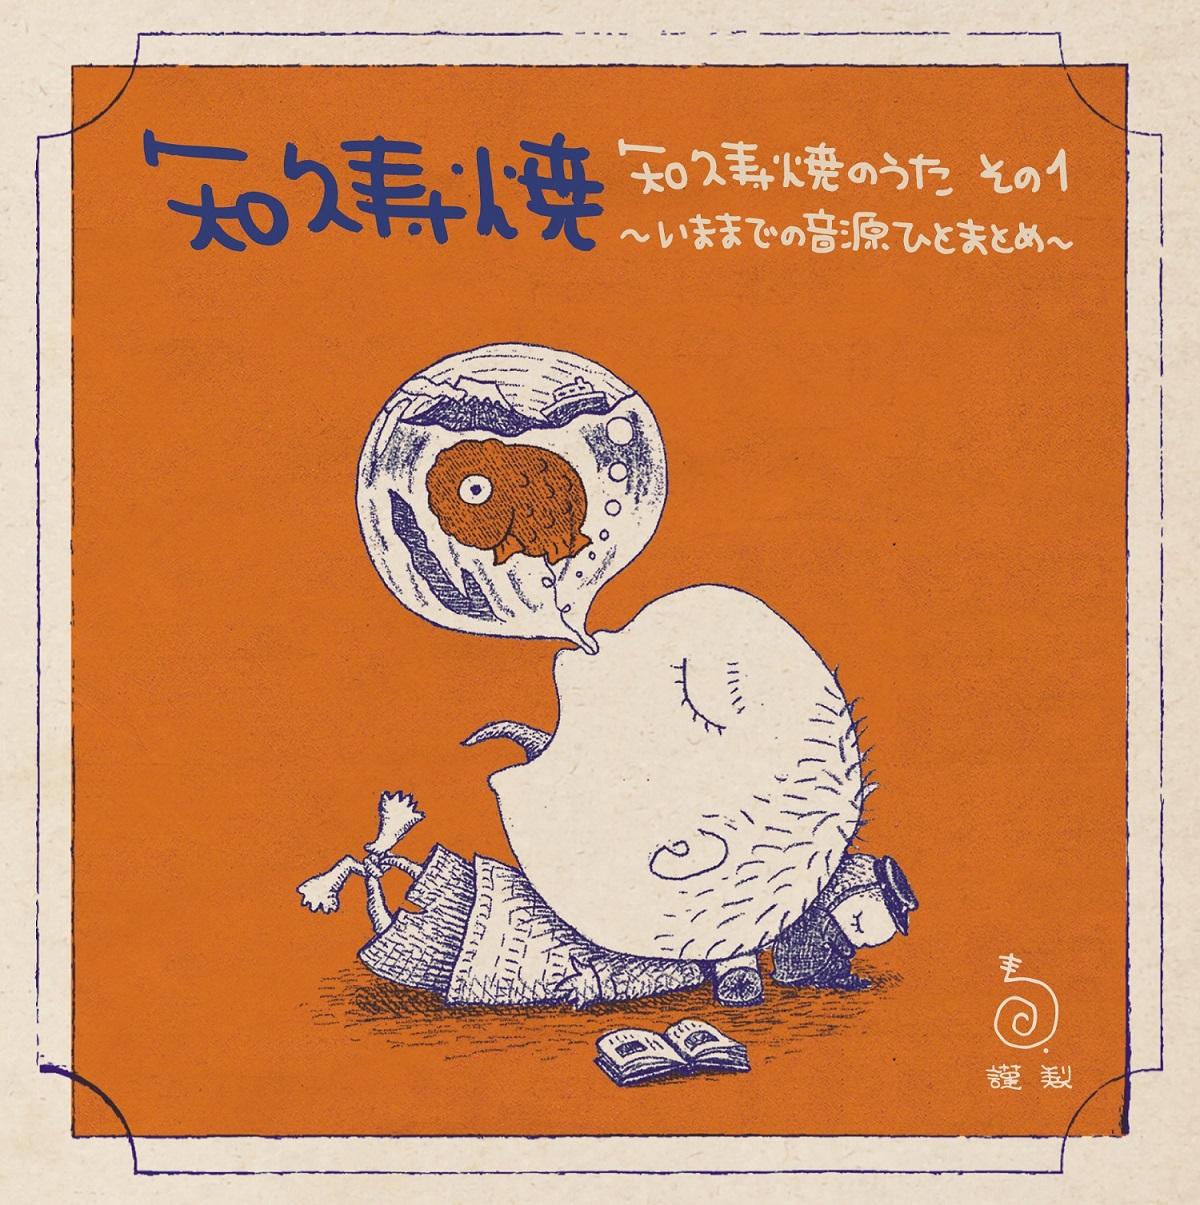 06-065 知久寿焼 – 知久寿焼のうた その1~いままでの音源ひとまとめ~